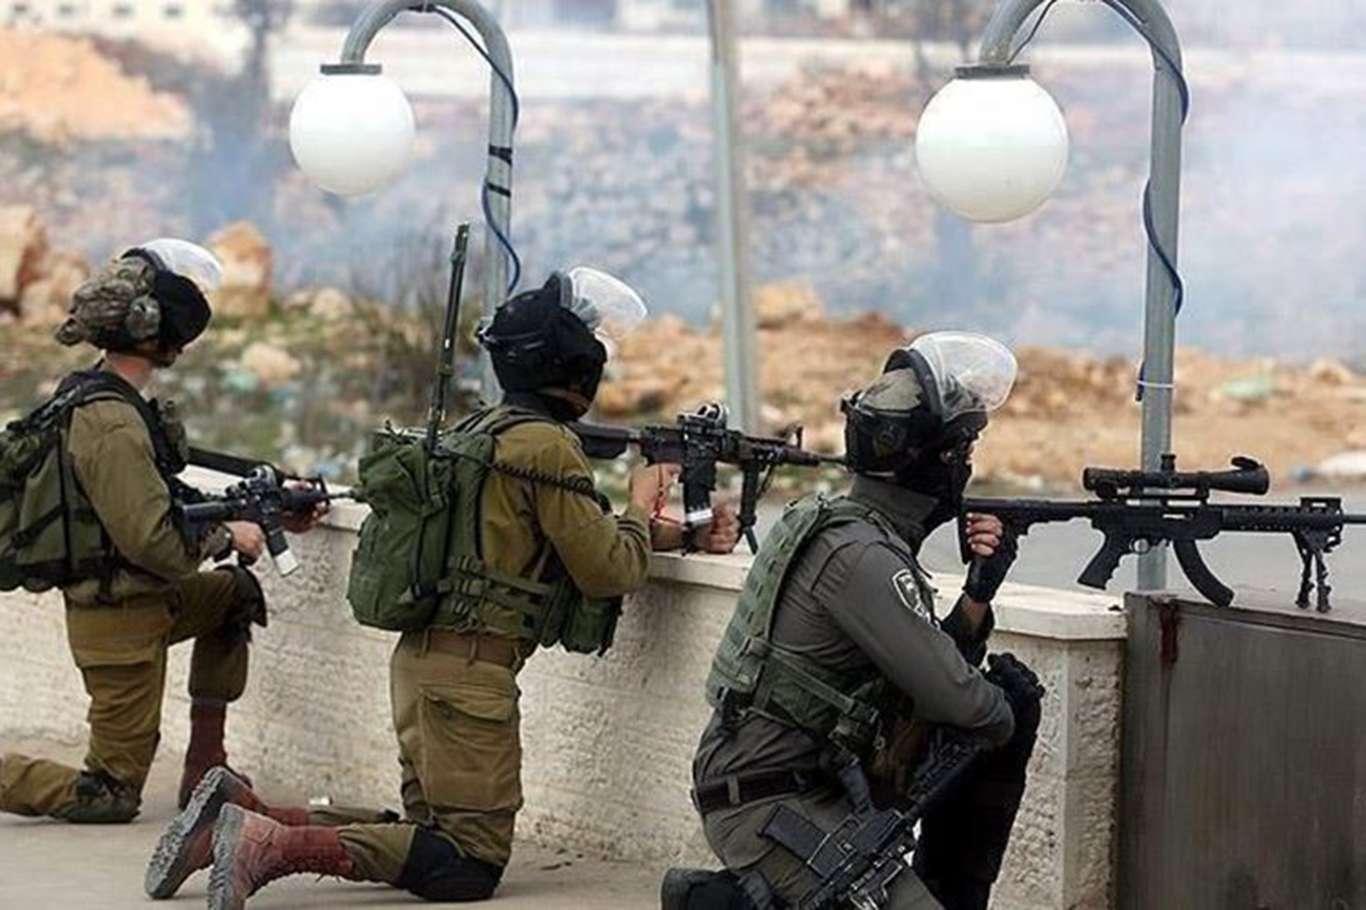 Çocuk parkına baskın düzenleyen siyonist işgalciler bir çocuğu alıkoydu